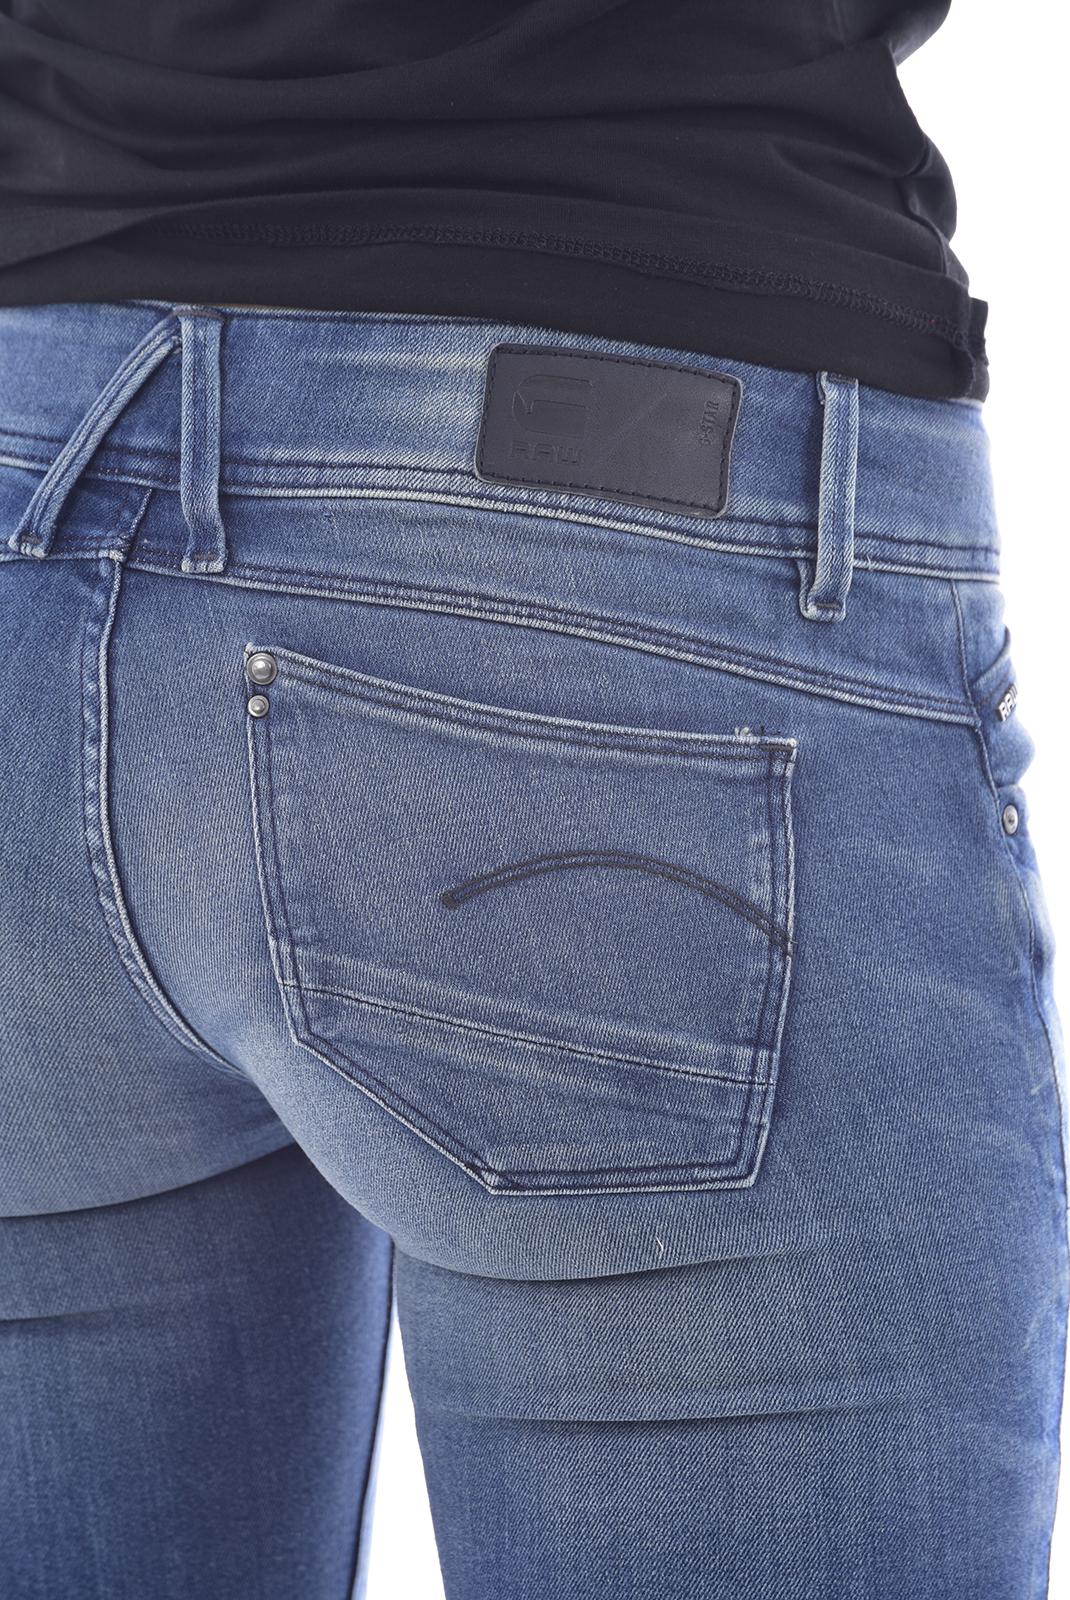 Jeans   G-star 60885.6550.071 BLEU